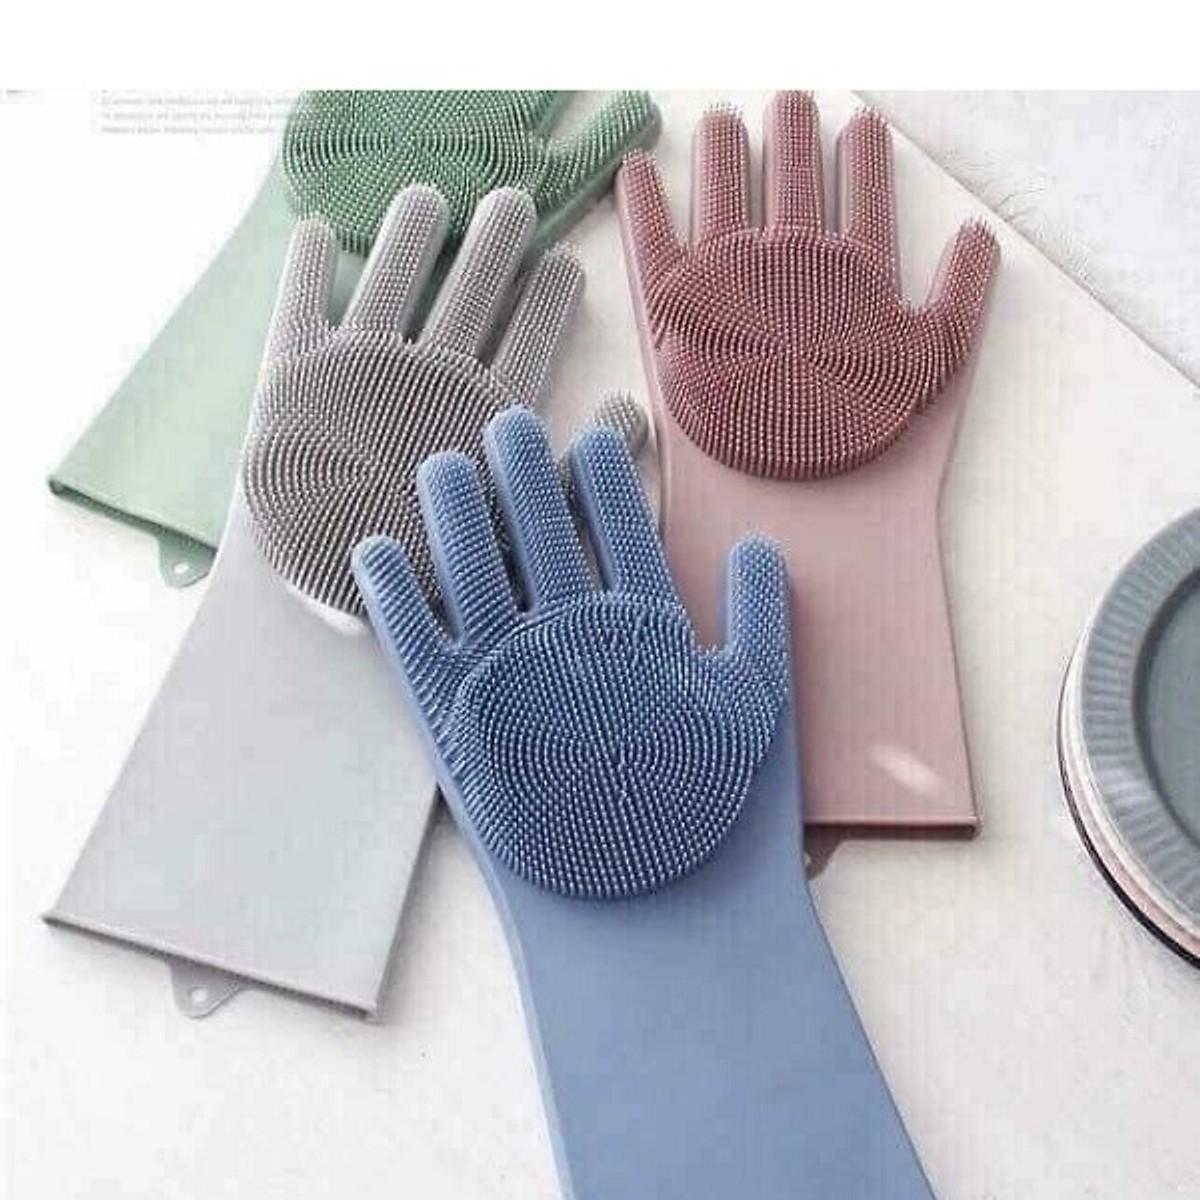 Bao tay hỗ trợ rửa chén vệ sinh đa năng BT3699 - Màu ngẫu nhiên